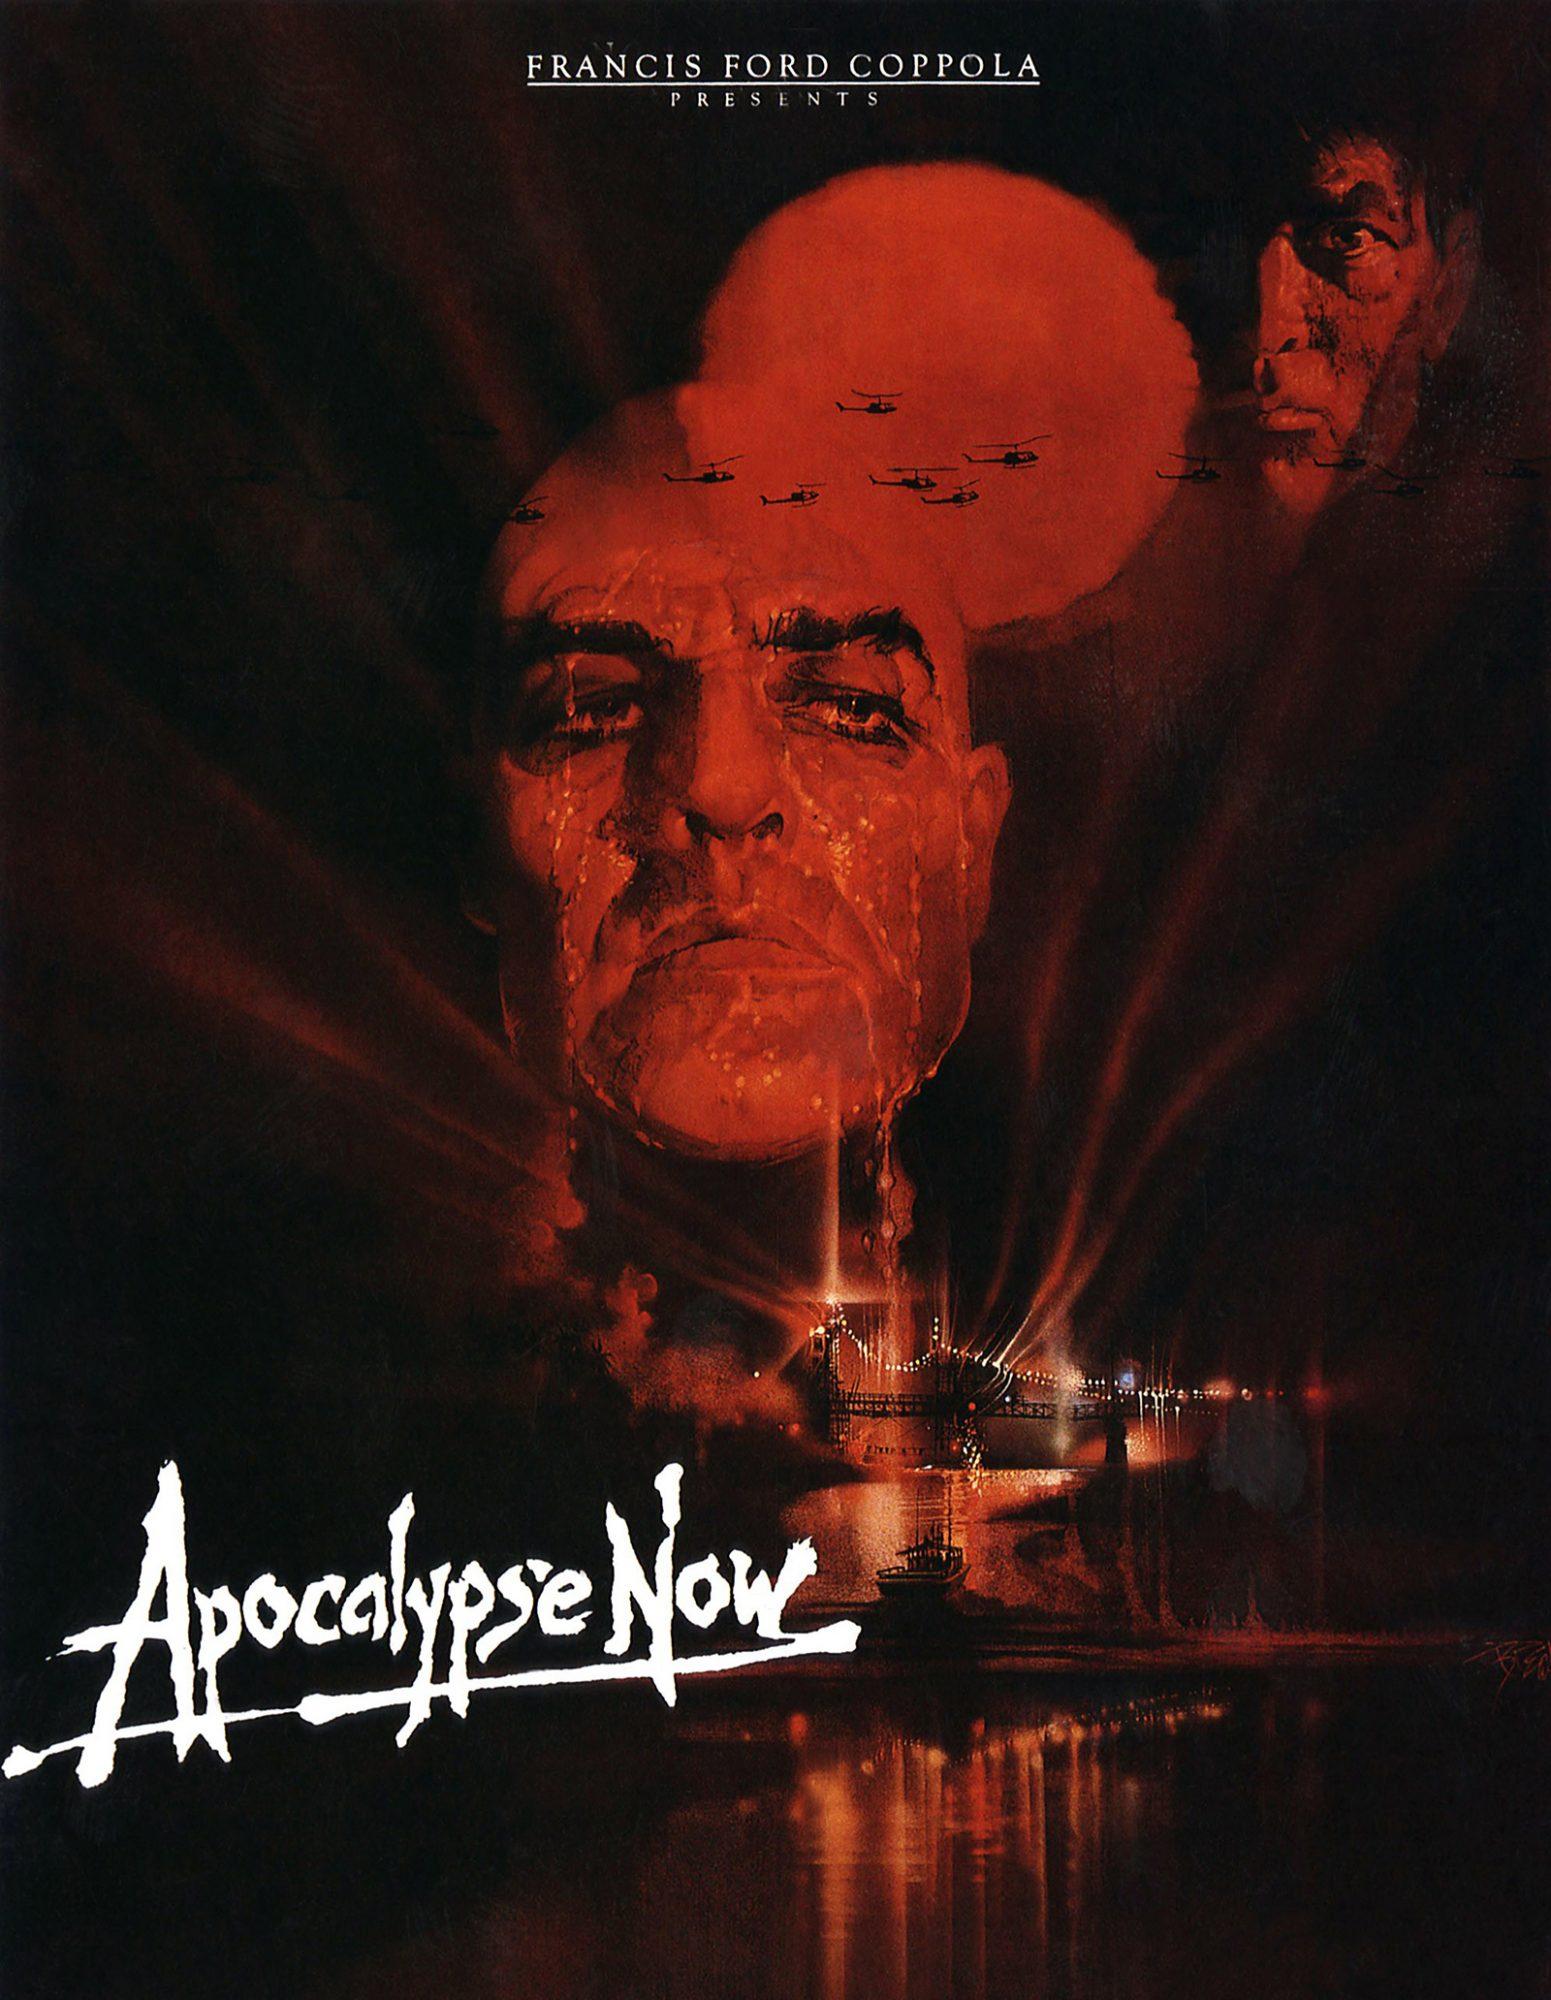 Apocalypse Now, 1979